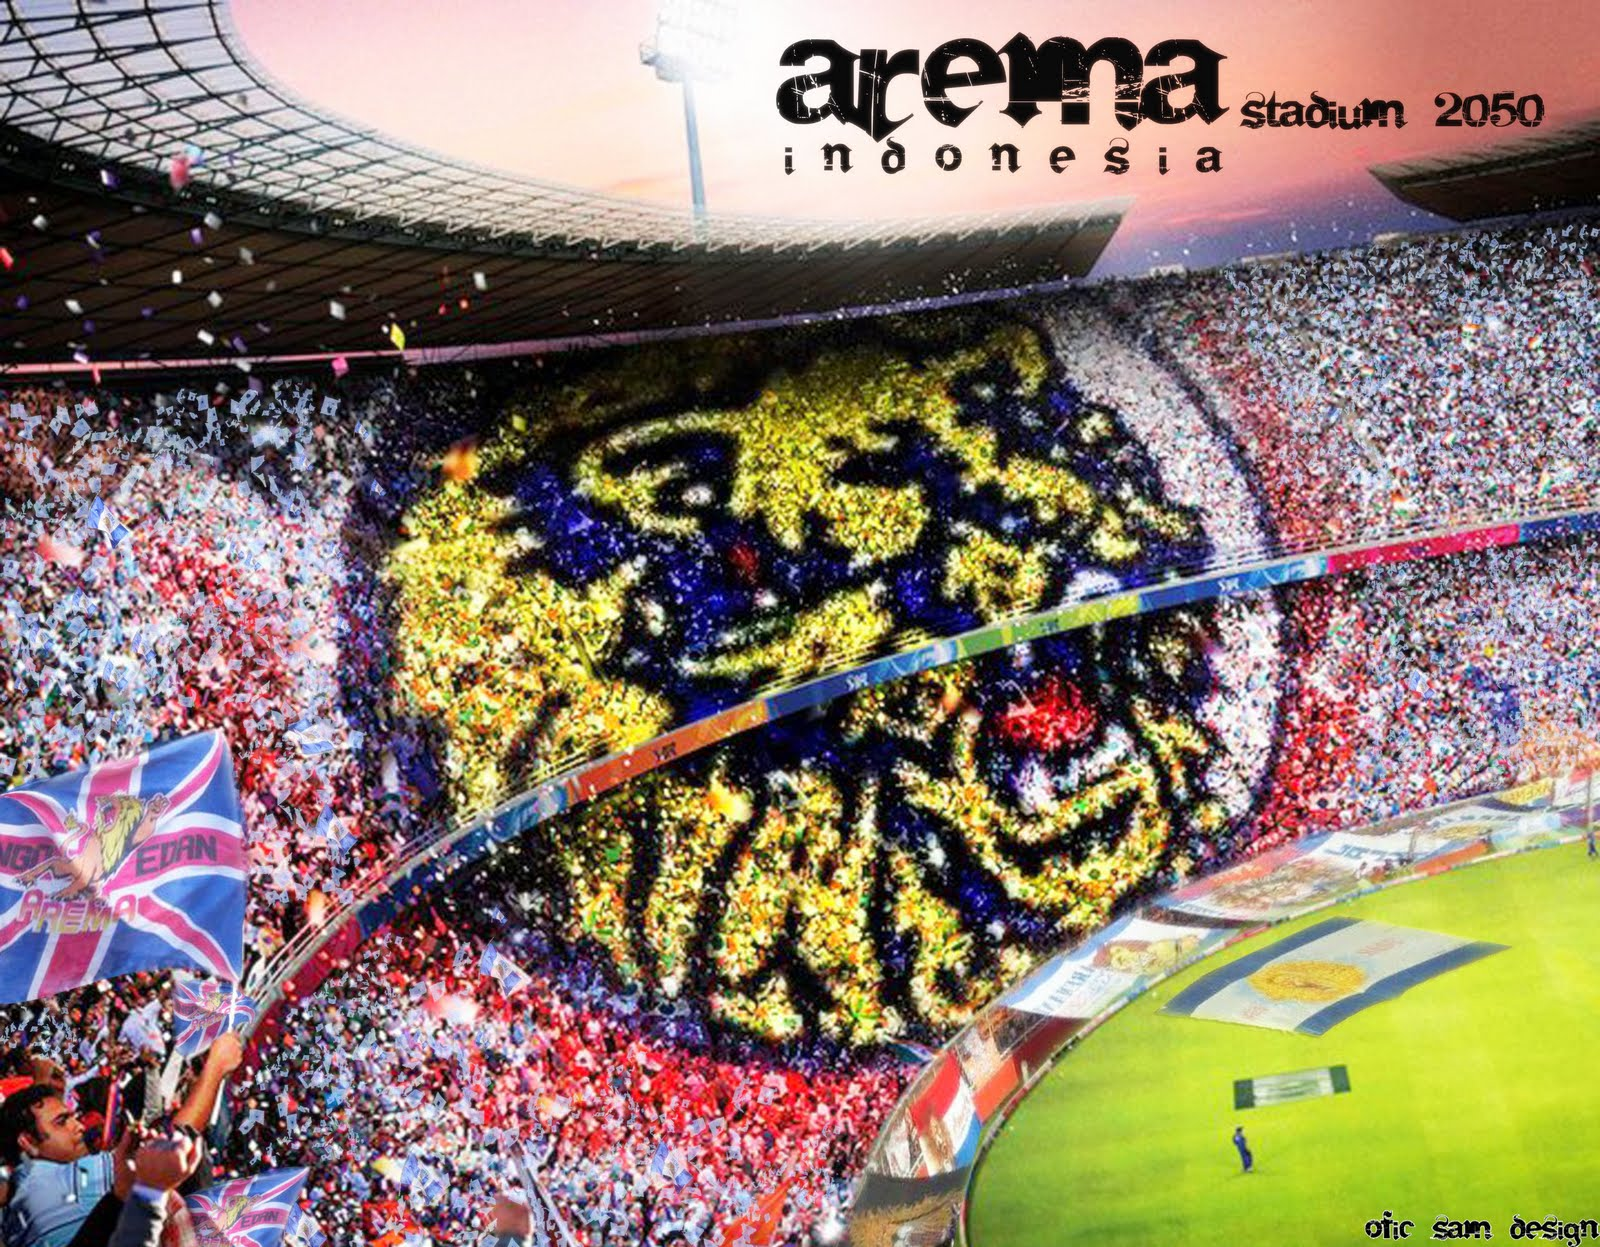 http://3.bp.blogspot.com/-sOB82sl3p9M/TexNauC71CI/AAAAAAAAARE/4sKRudwDj_k/s1600/wallpaper+arema+indonesia+2011+edisi+JUNI+by+%2528ofic+sam%2529+fb..+boy_gassipers%2540yahoo.co.id+1.jpg